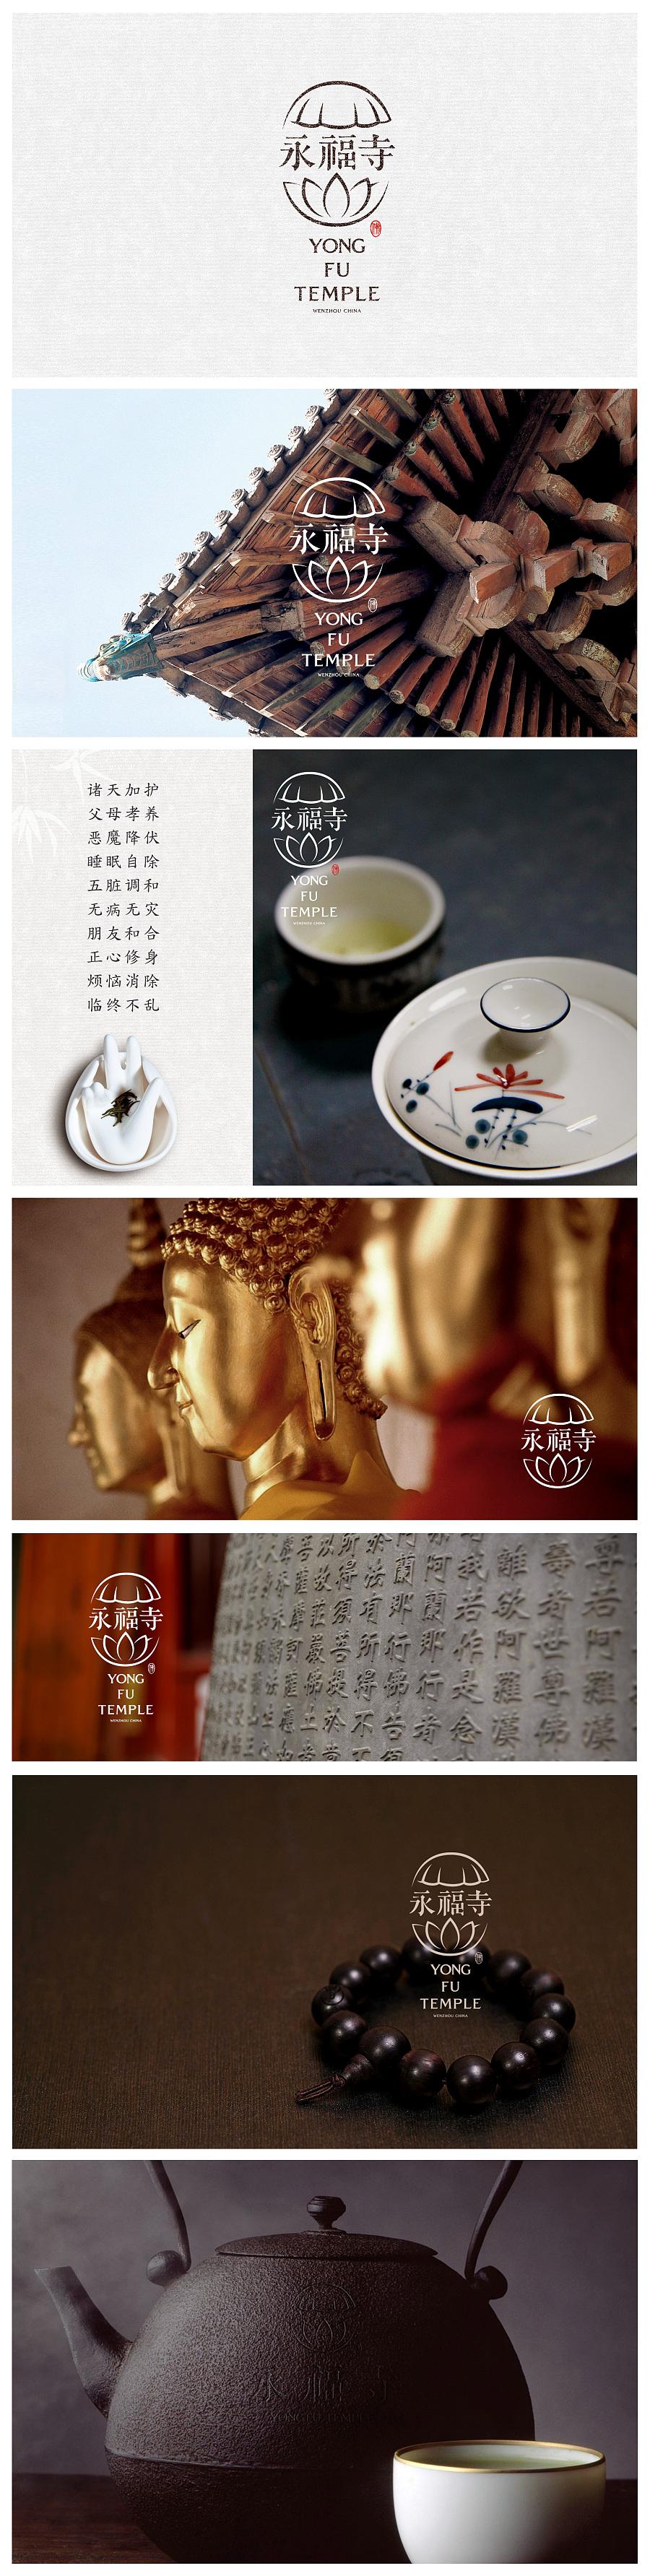 查看《永福寺-温州》原图,原图尺寸:2126x8426